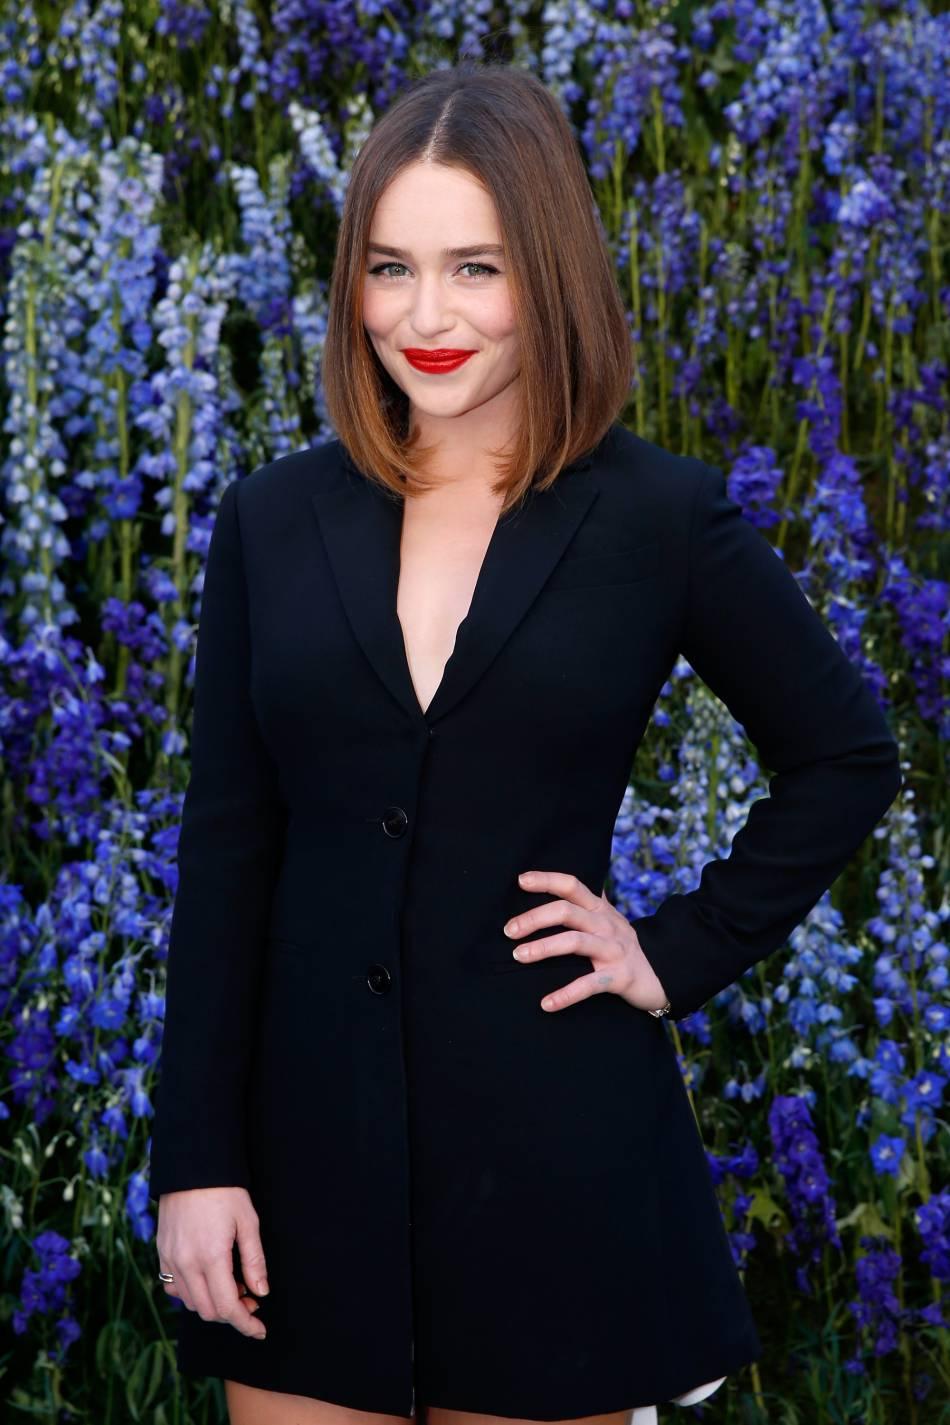 Emilia Clarke au défilé Dior Printemps-Été 2016 à Paris.